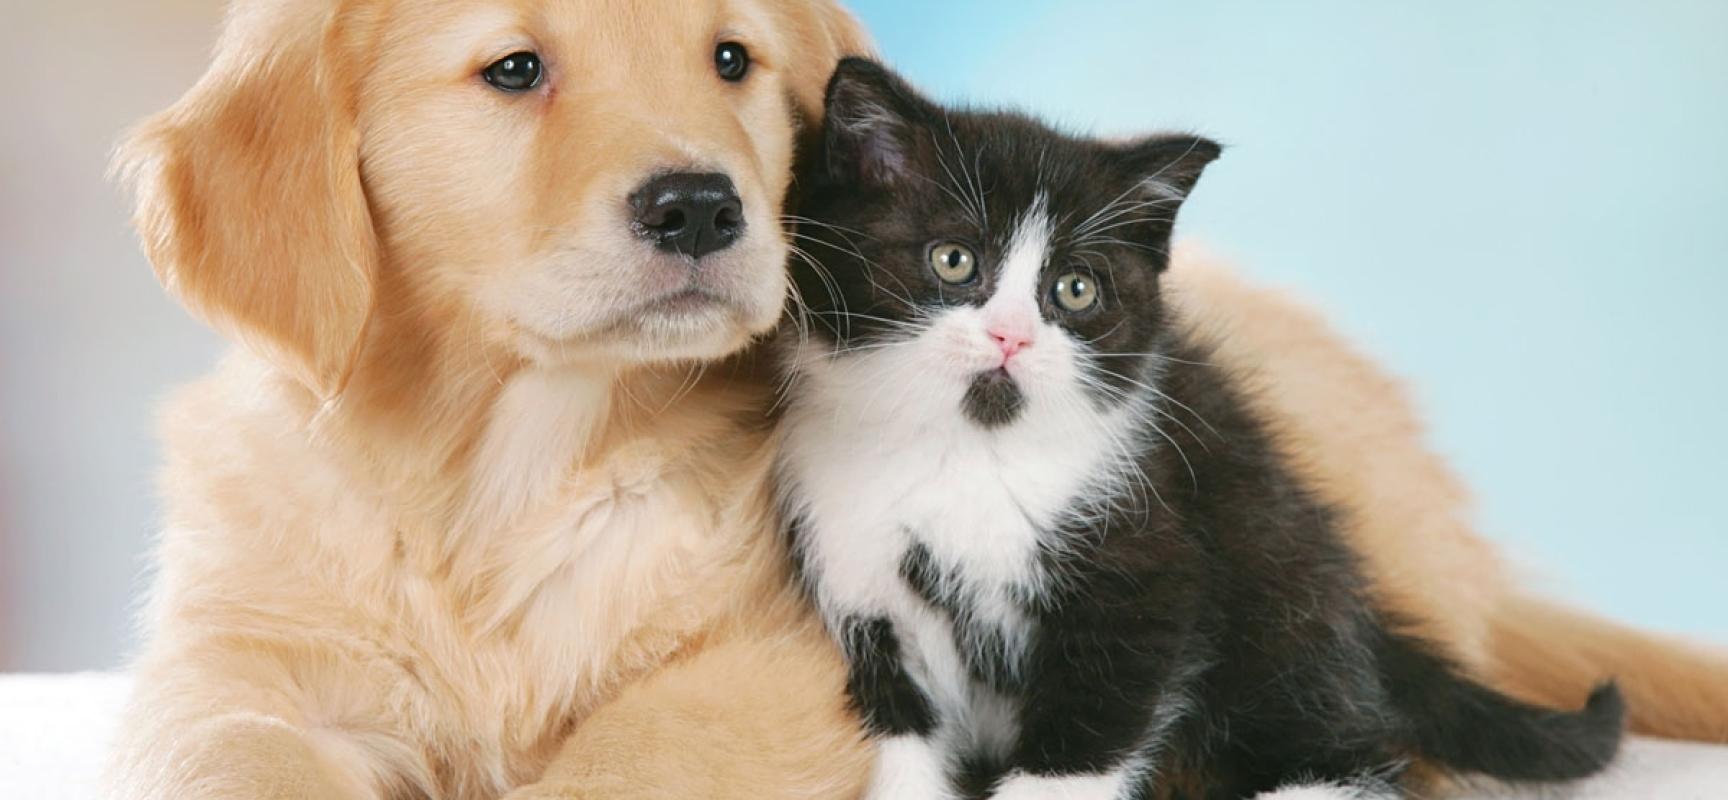 Risultati immagini per uda ufficio diritti animali